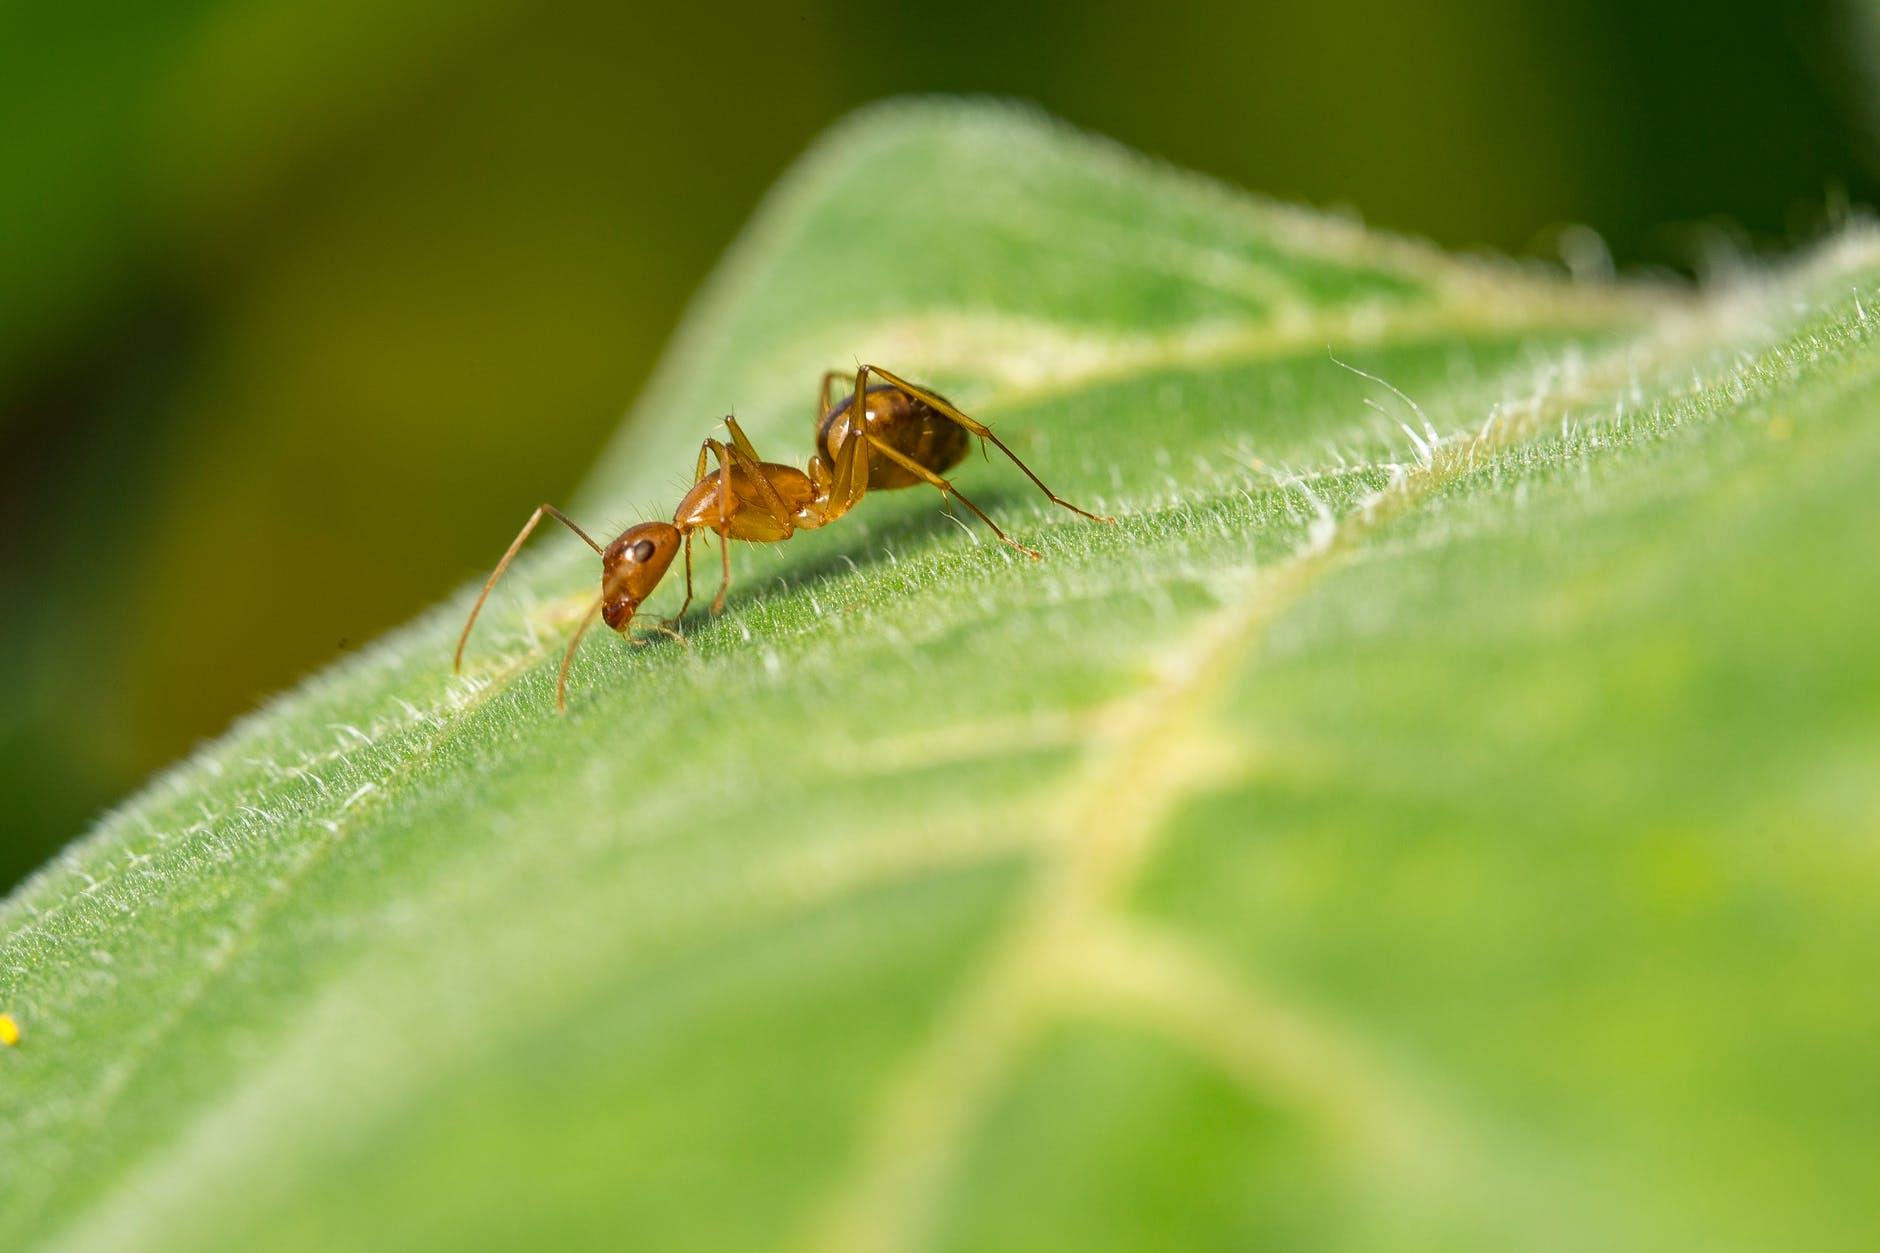 Ameisenbisse richtig behandeln